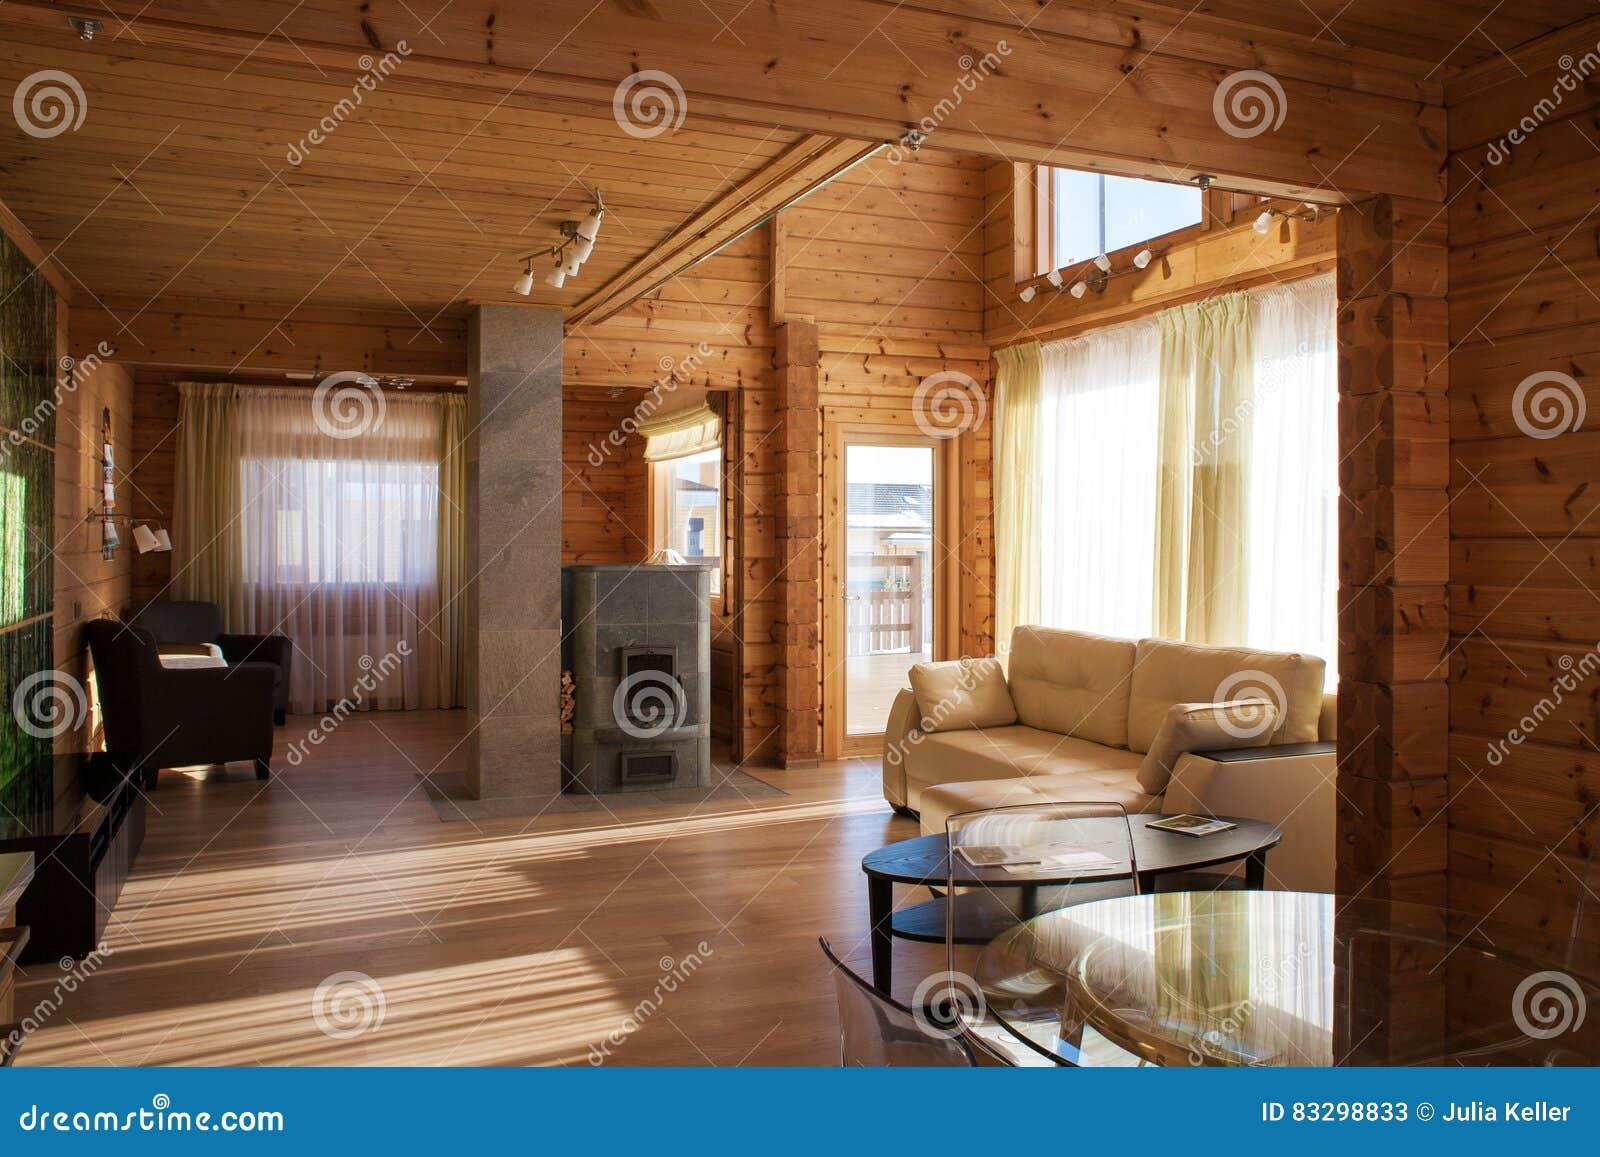 Interni Di Una Casa Di Campagna : Linterno di un salone della casa di campagna immagine stock